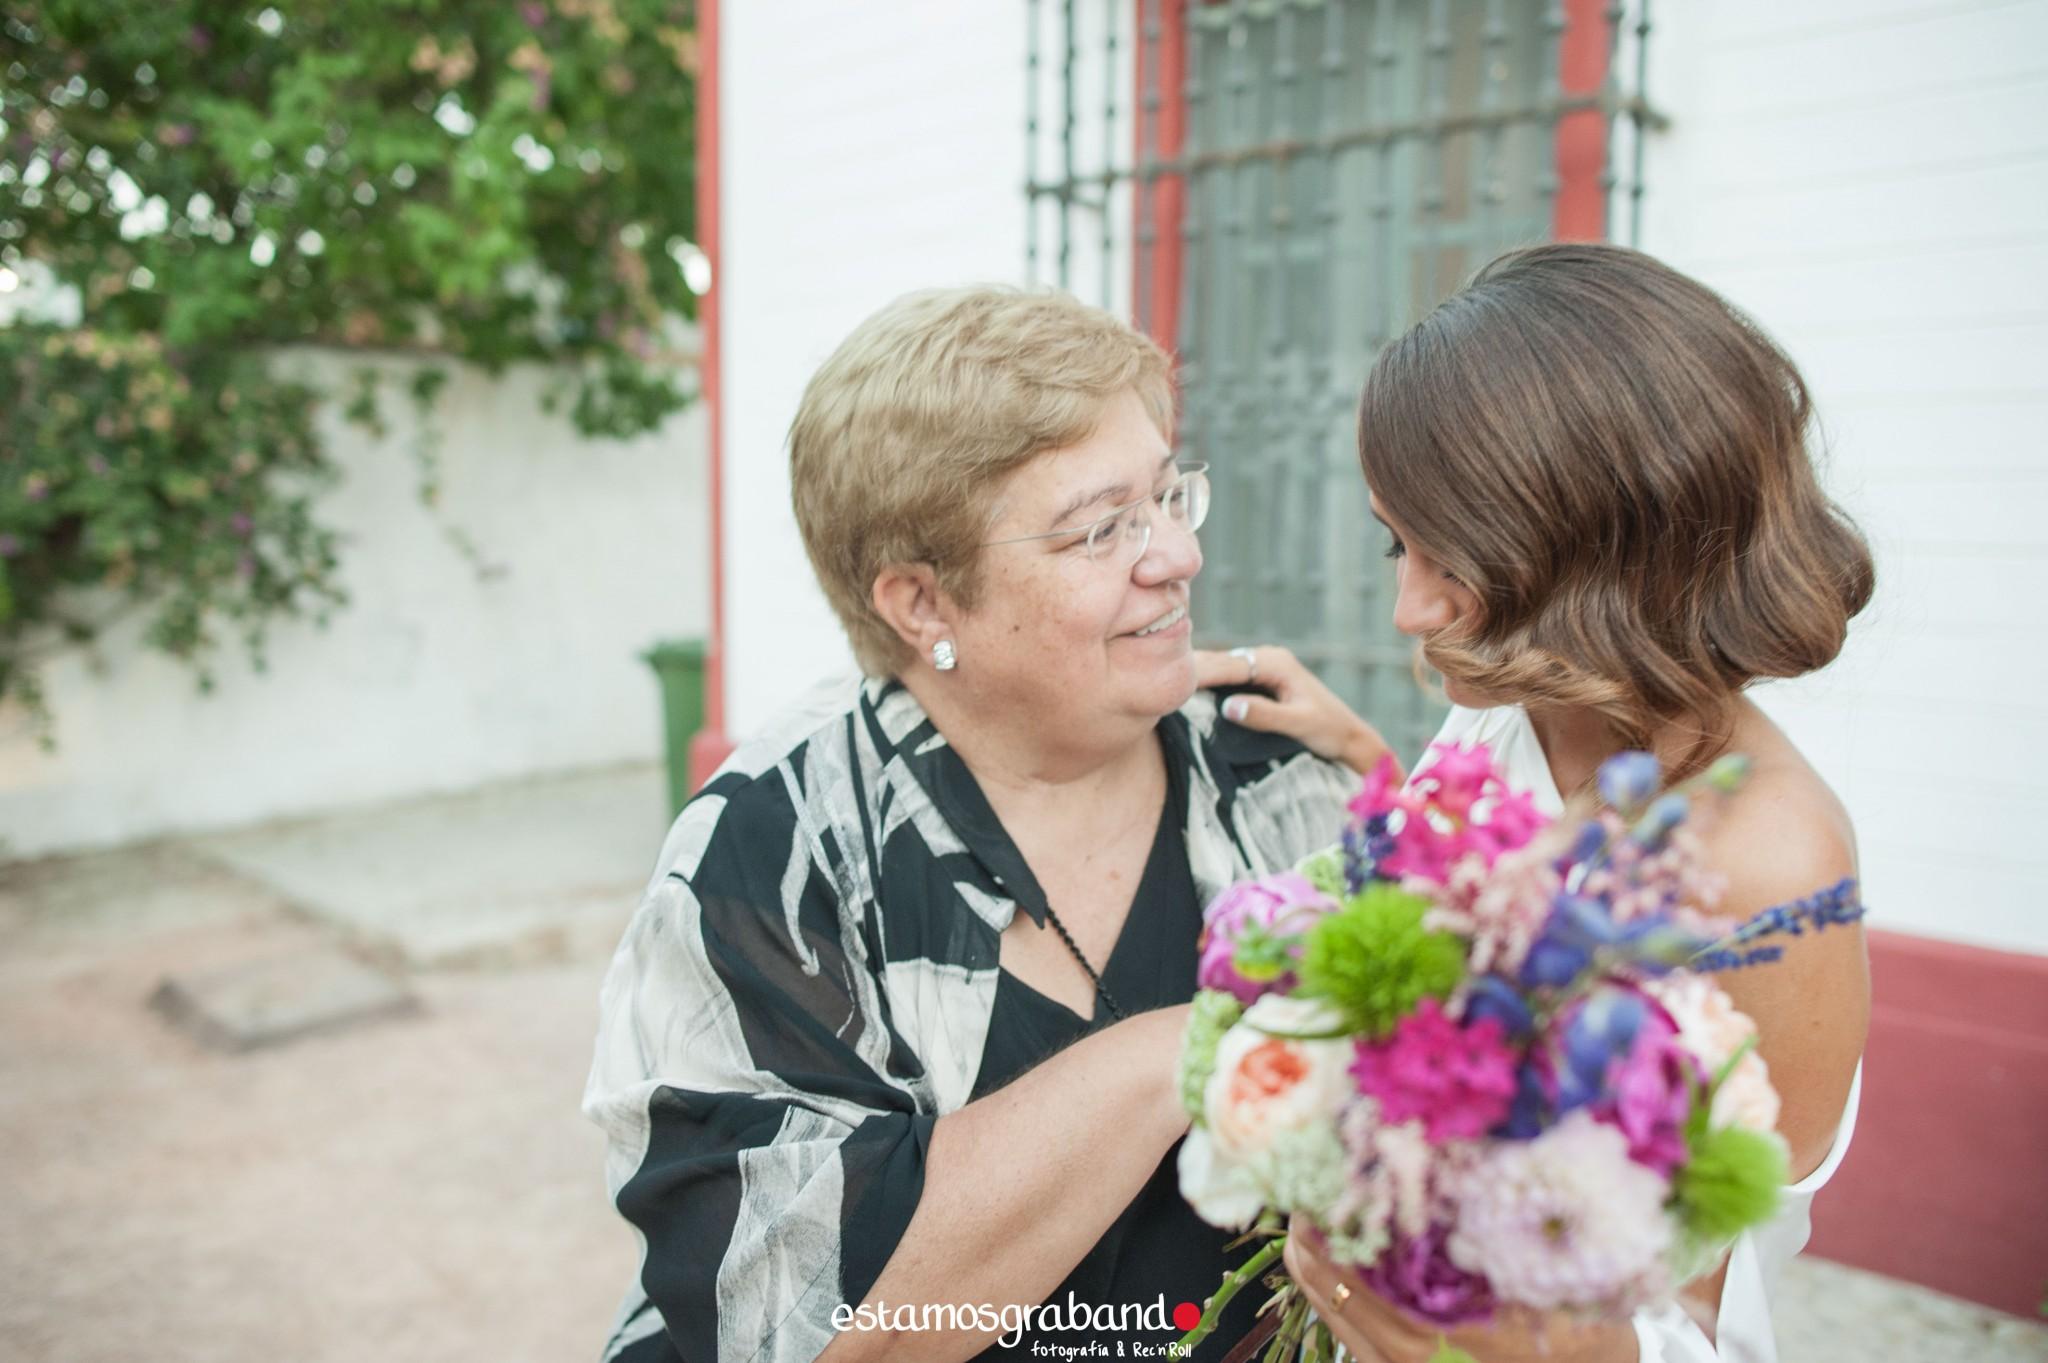 Miguel-Ana-26 Los invitados de Ana & Miguel [Fotografía de Boda_Viña La Carreña, Jerez] - video boda cadiz